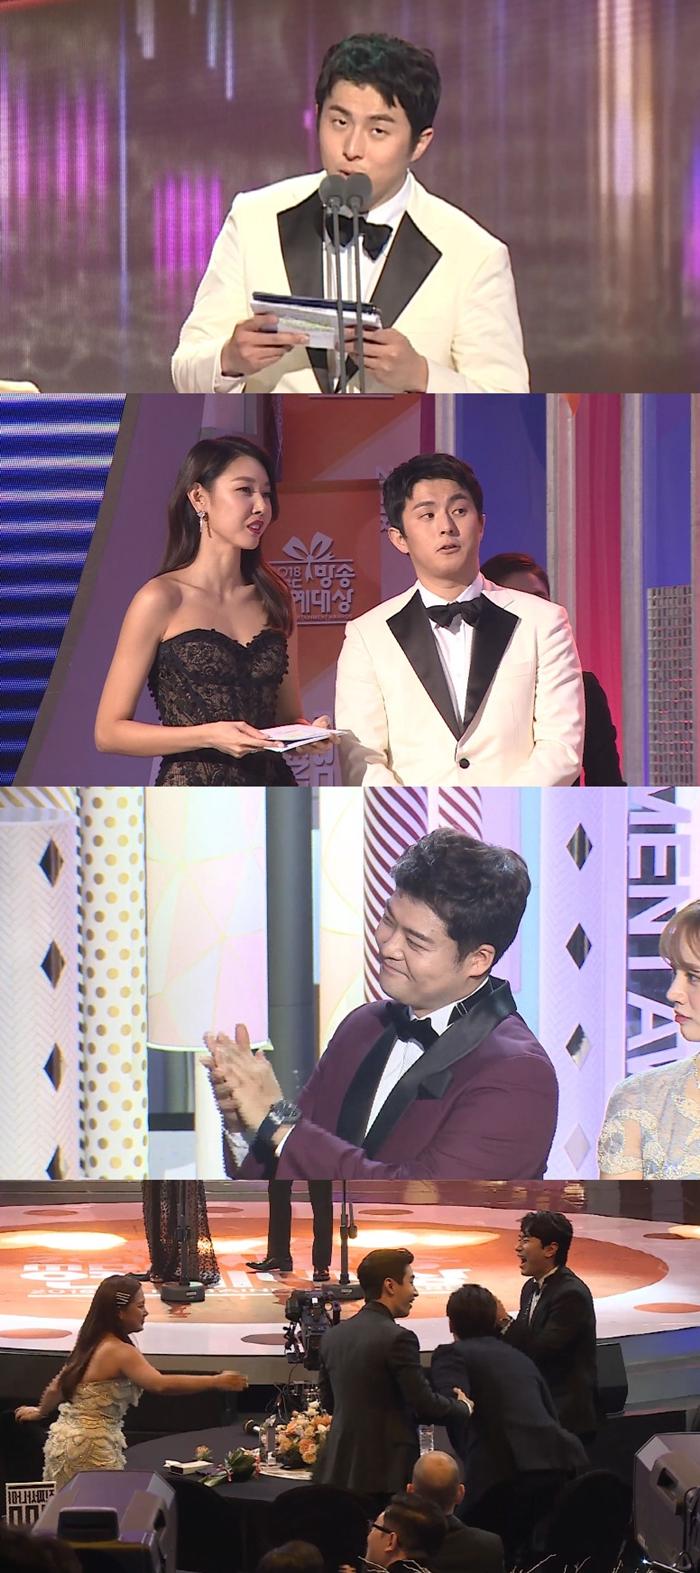 '2018 MBC 방송연예대상'에서 함께 축하한 '나 혼자 산다' 멤버들. 사진=MBC 제공